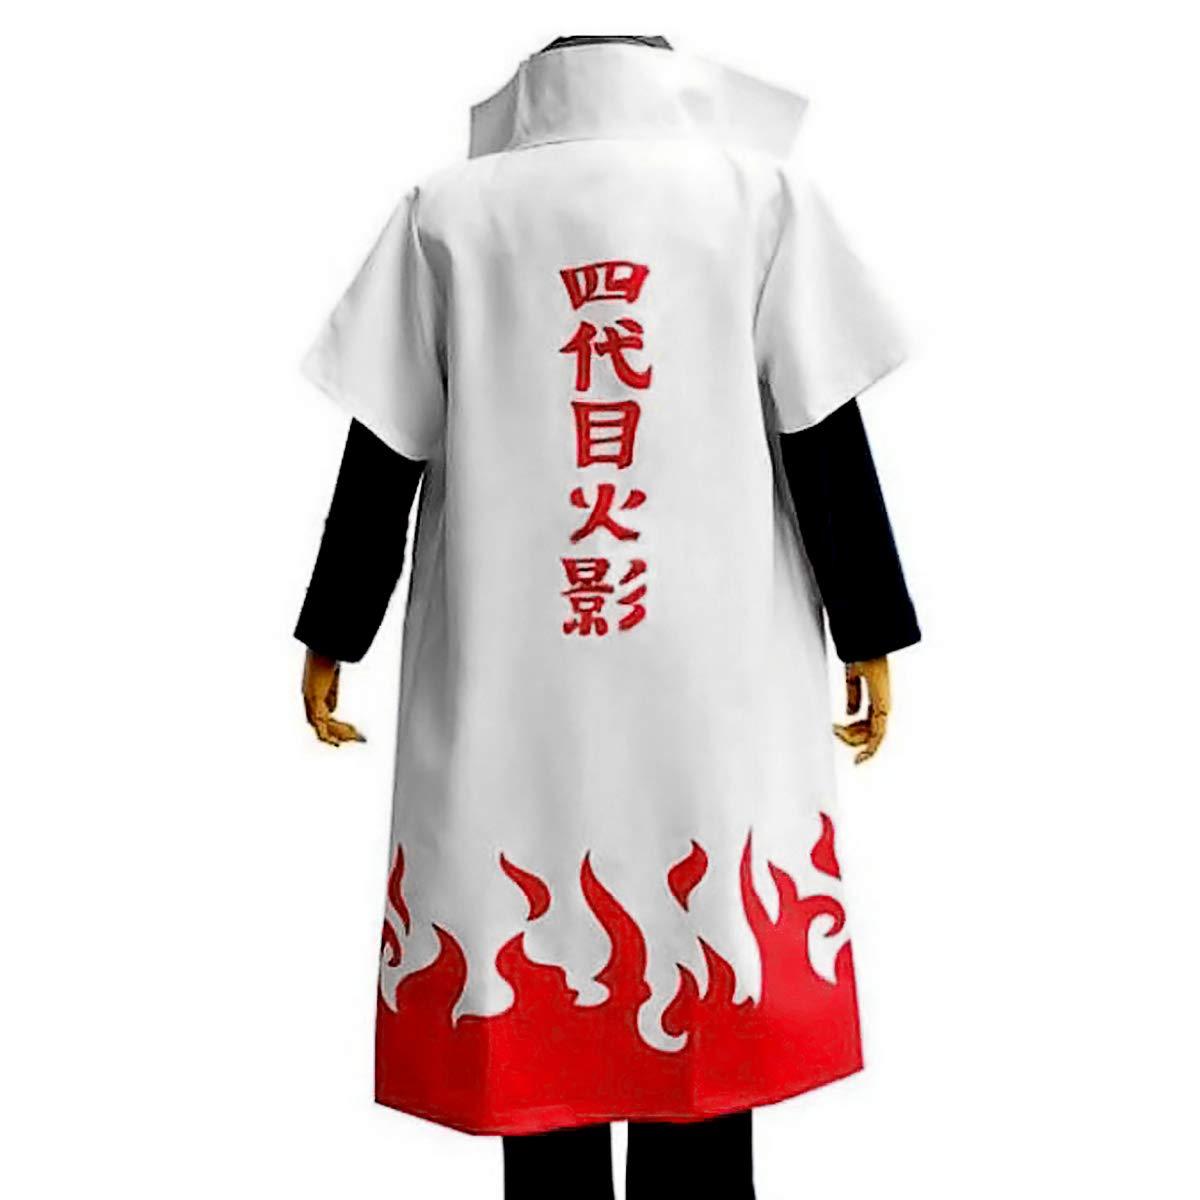 Buy Naruto Hokage Jacket